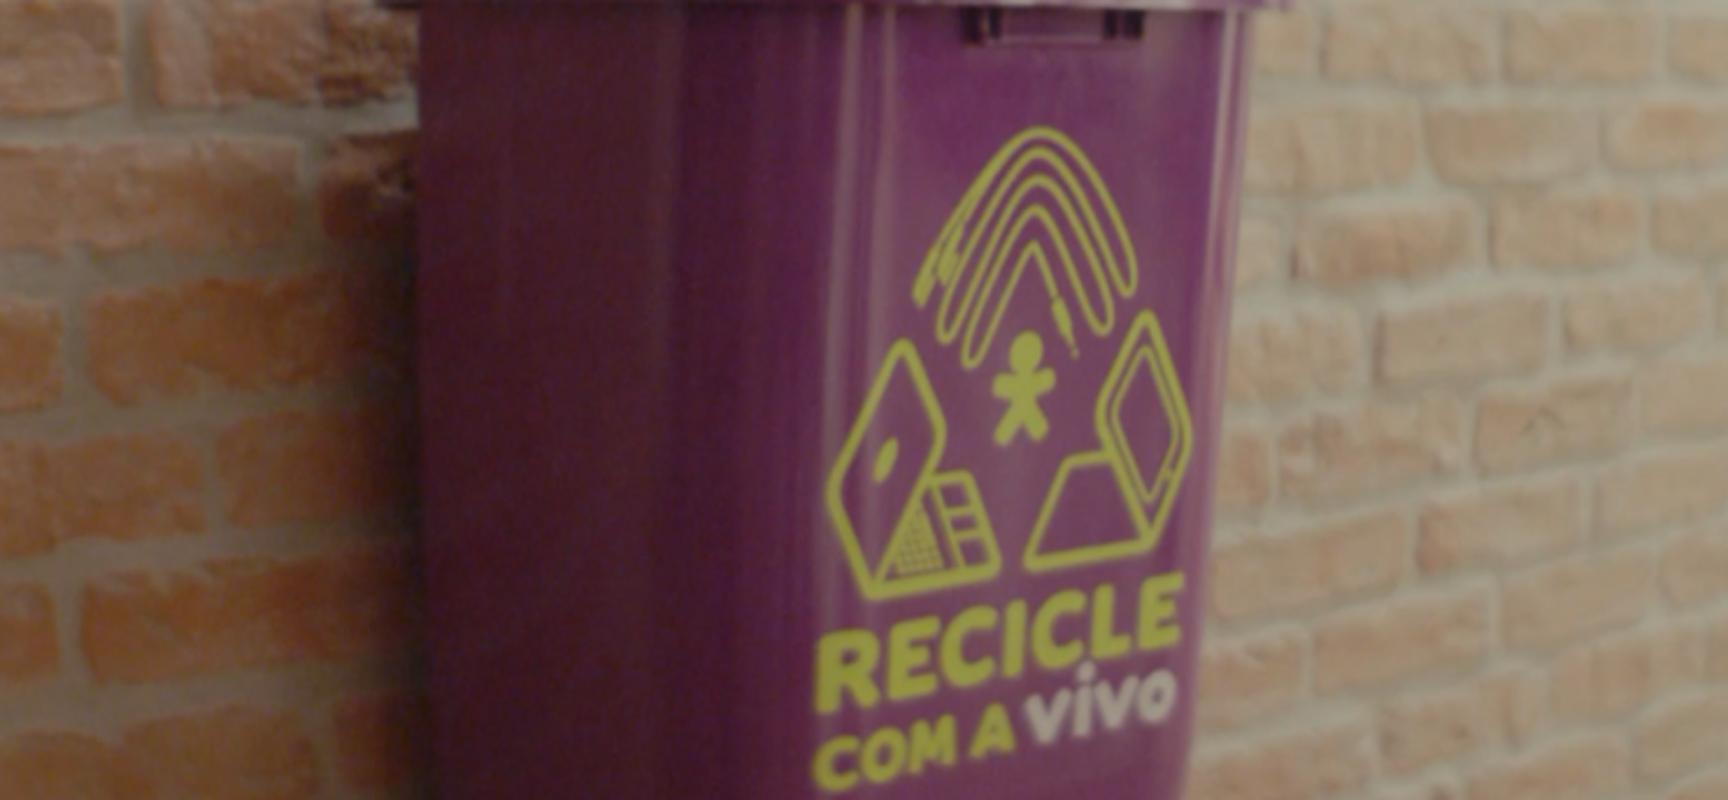 Vivo realiza ação do Recicle com a Vivo em Trancoso